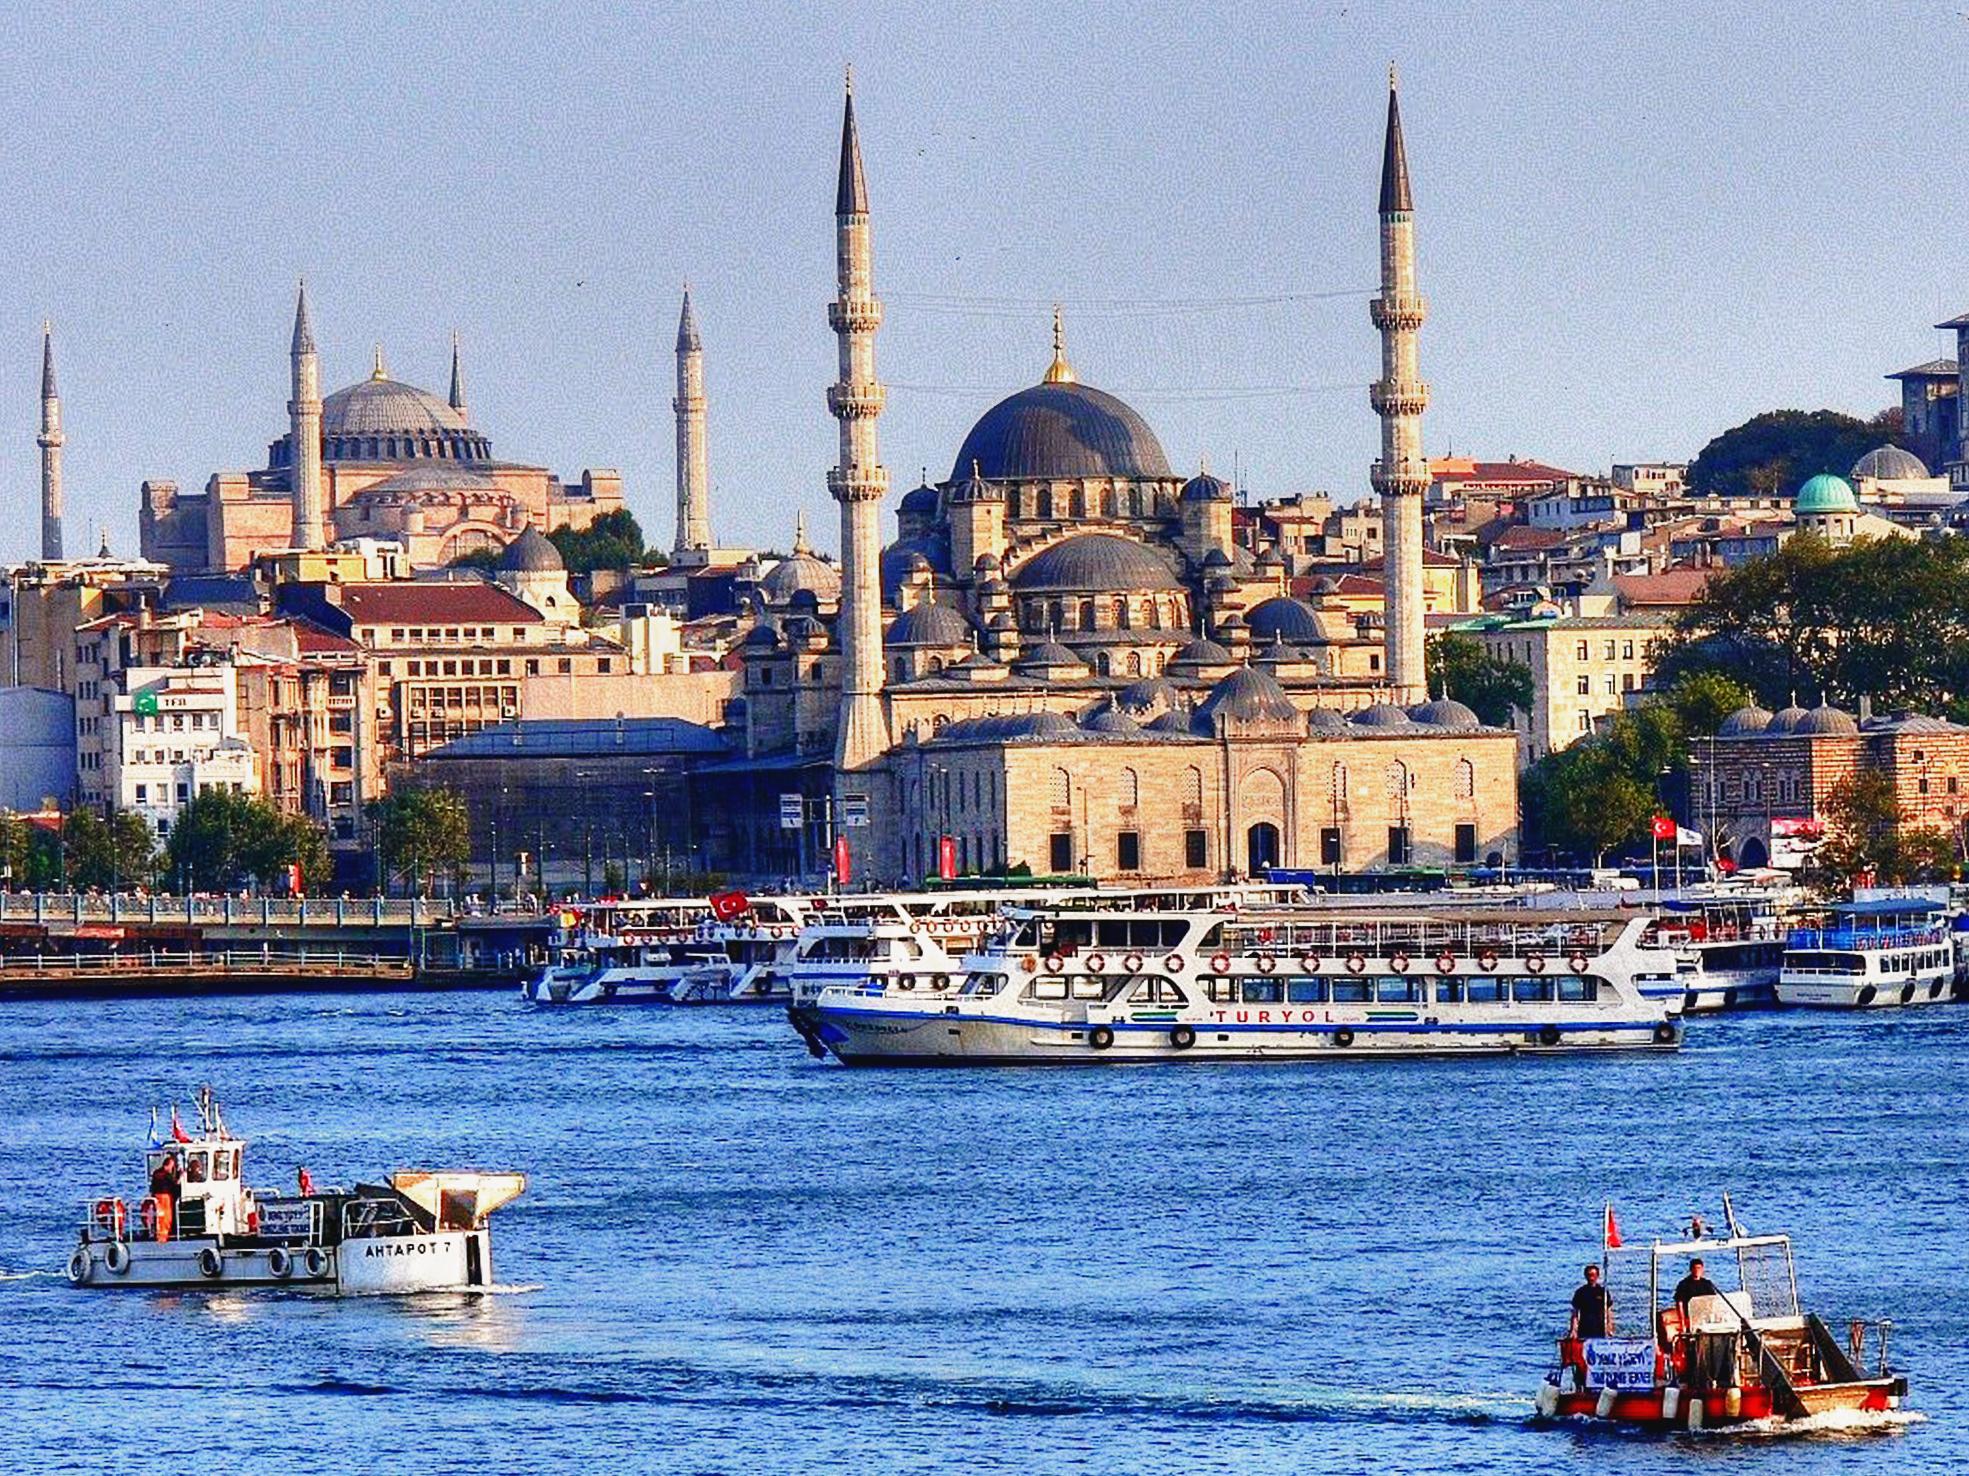 Προσφορά HappyDeals  - Κωνσταντινούπολη: 269€ για 6ήμερη All Inclusive Οδική εκδρομή, με διαμονή σε πολυτελή ξενοδοχεία, Πρωινό, Γεύματα, & Δωρεάν Ξενάγηση